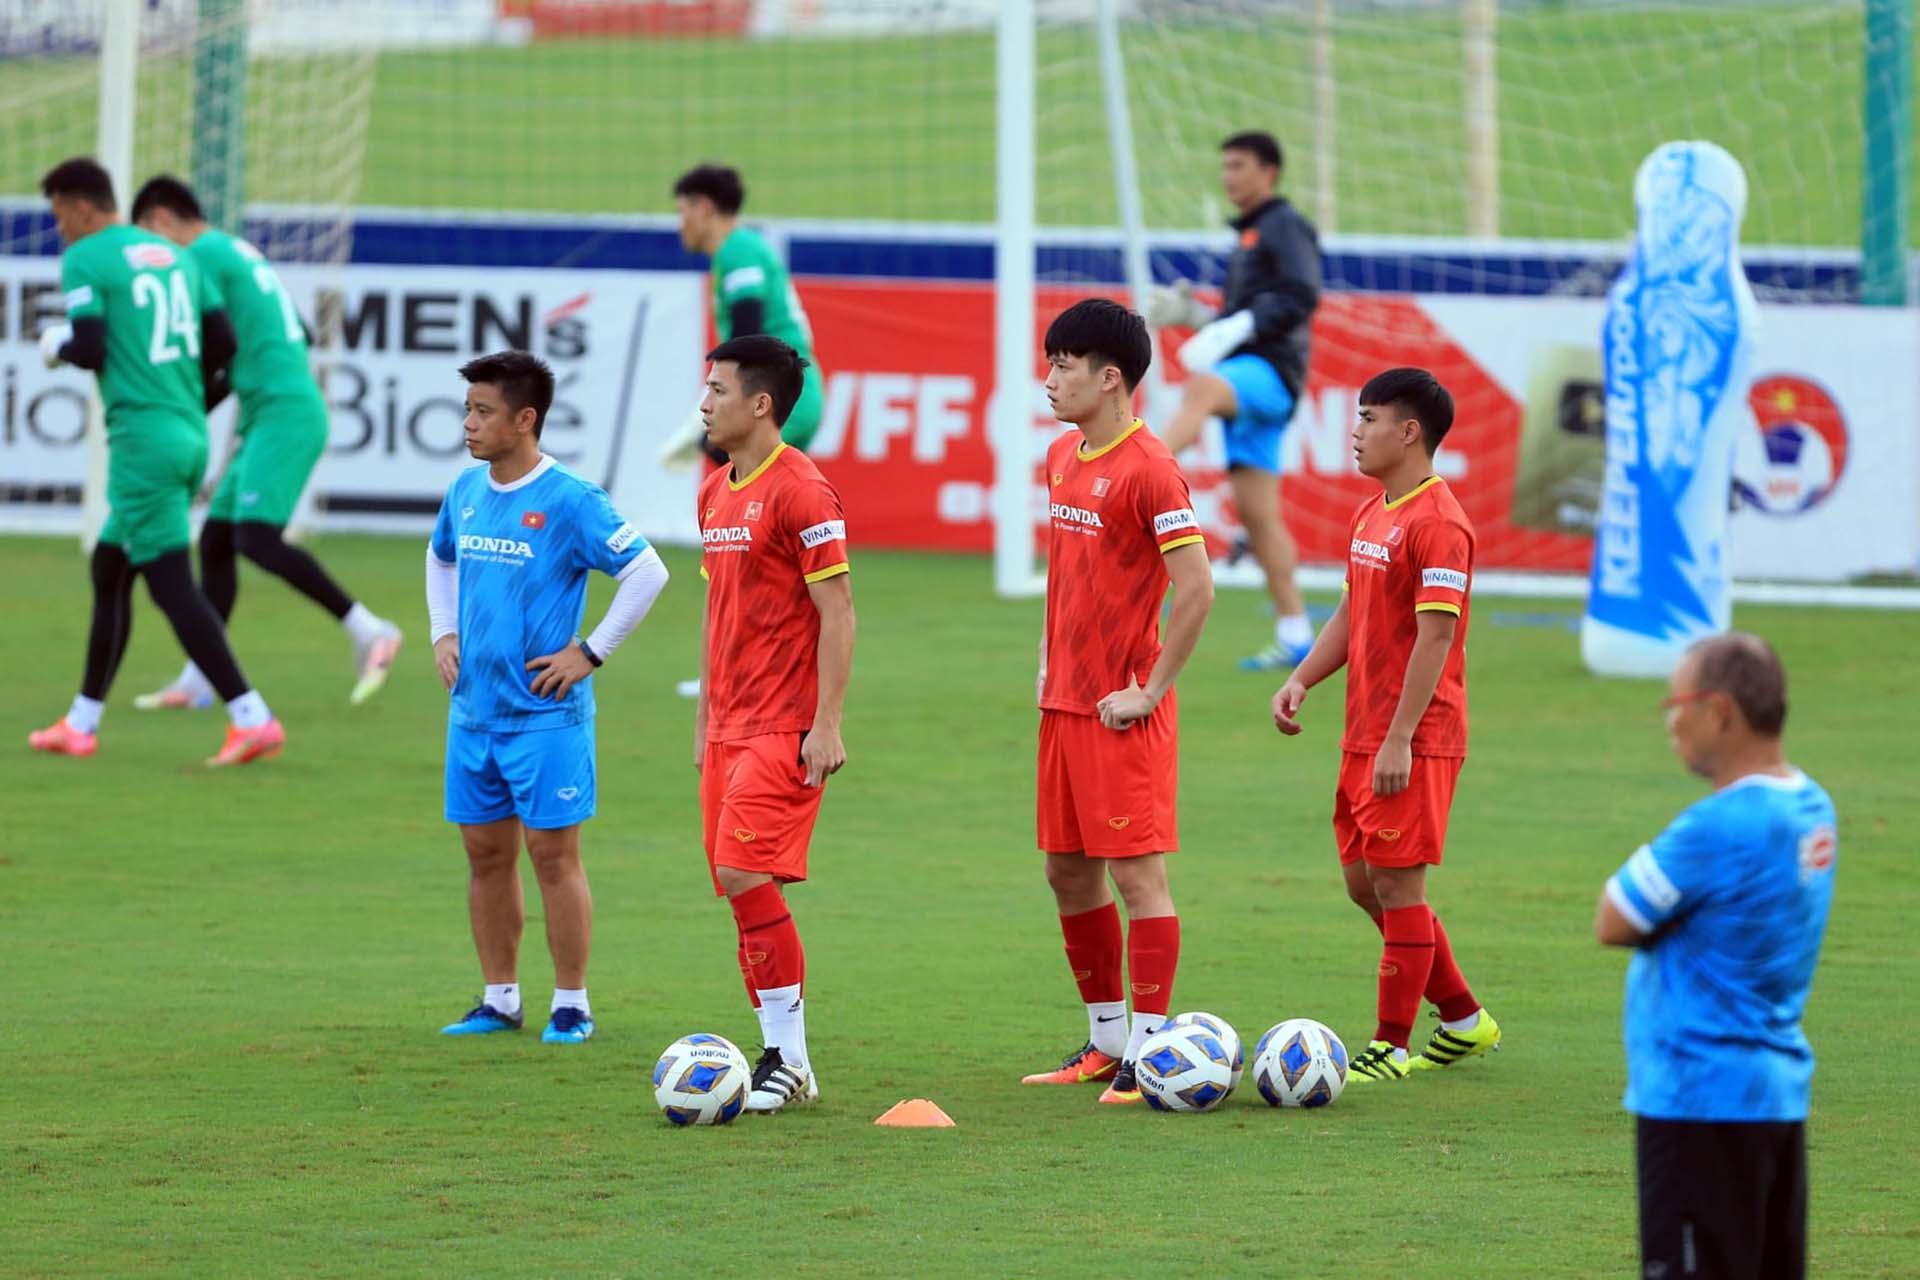 Tuyển Việt Nam gặp Trung Quốc ngày 7/10 và Oman ngày 12/10